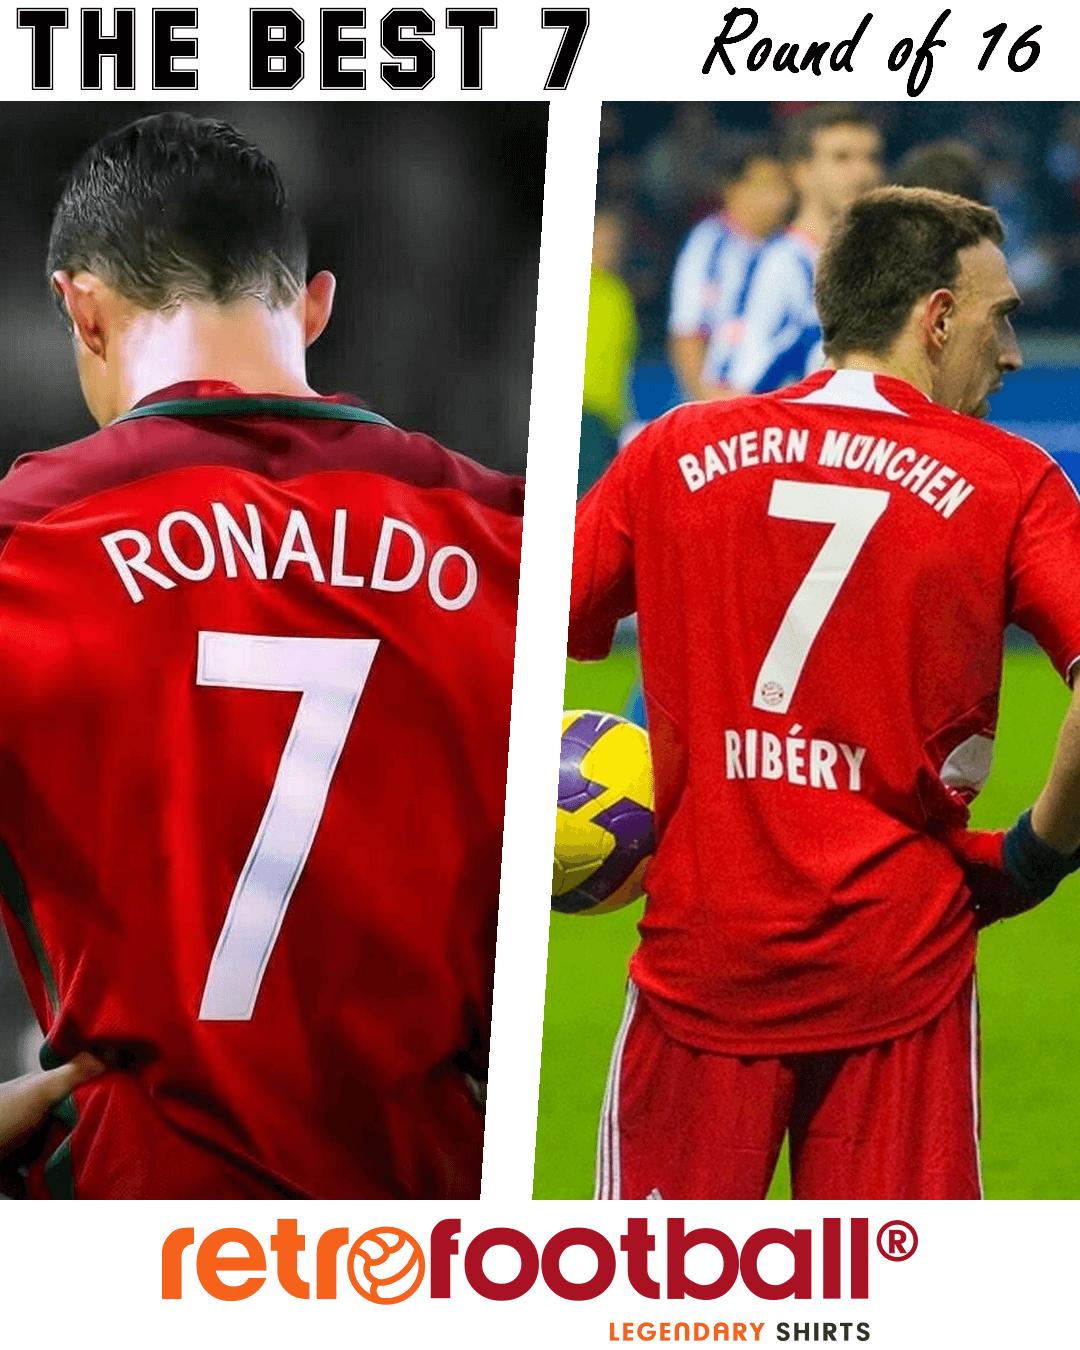 El mejor 7 de la historia del futbol : CR7 vs Ribery